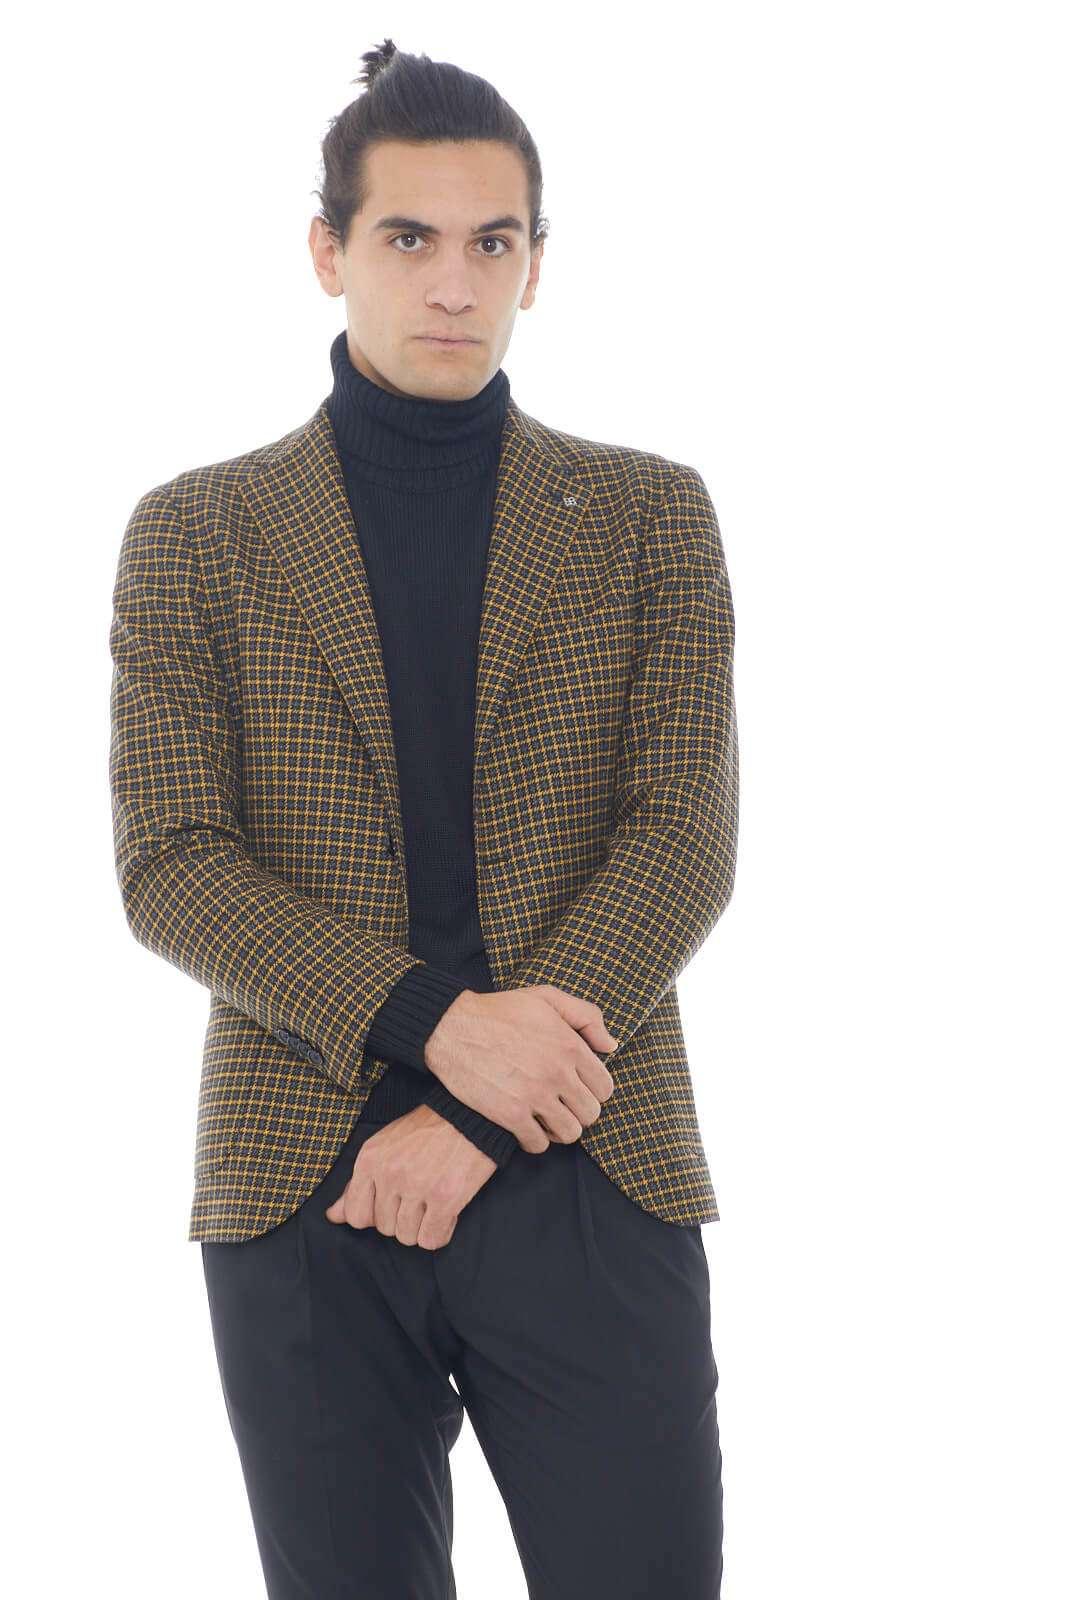 Tutto lo stile Tagliatore per questa giacca in lana dalla fantasia a quadri dai toni caldi. Perfetta da indossare sia con un pantalone dal taglio chino che con un paio di jeans per rendere il look impeccabile in ogni occasione. Il classico collo rever è impreziosito dalla chiusura con due bottoni e dal doppio spacco posteriore.